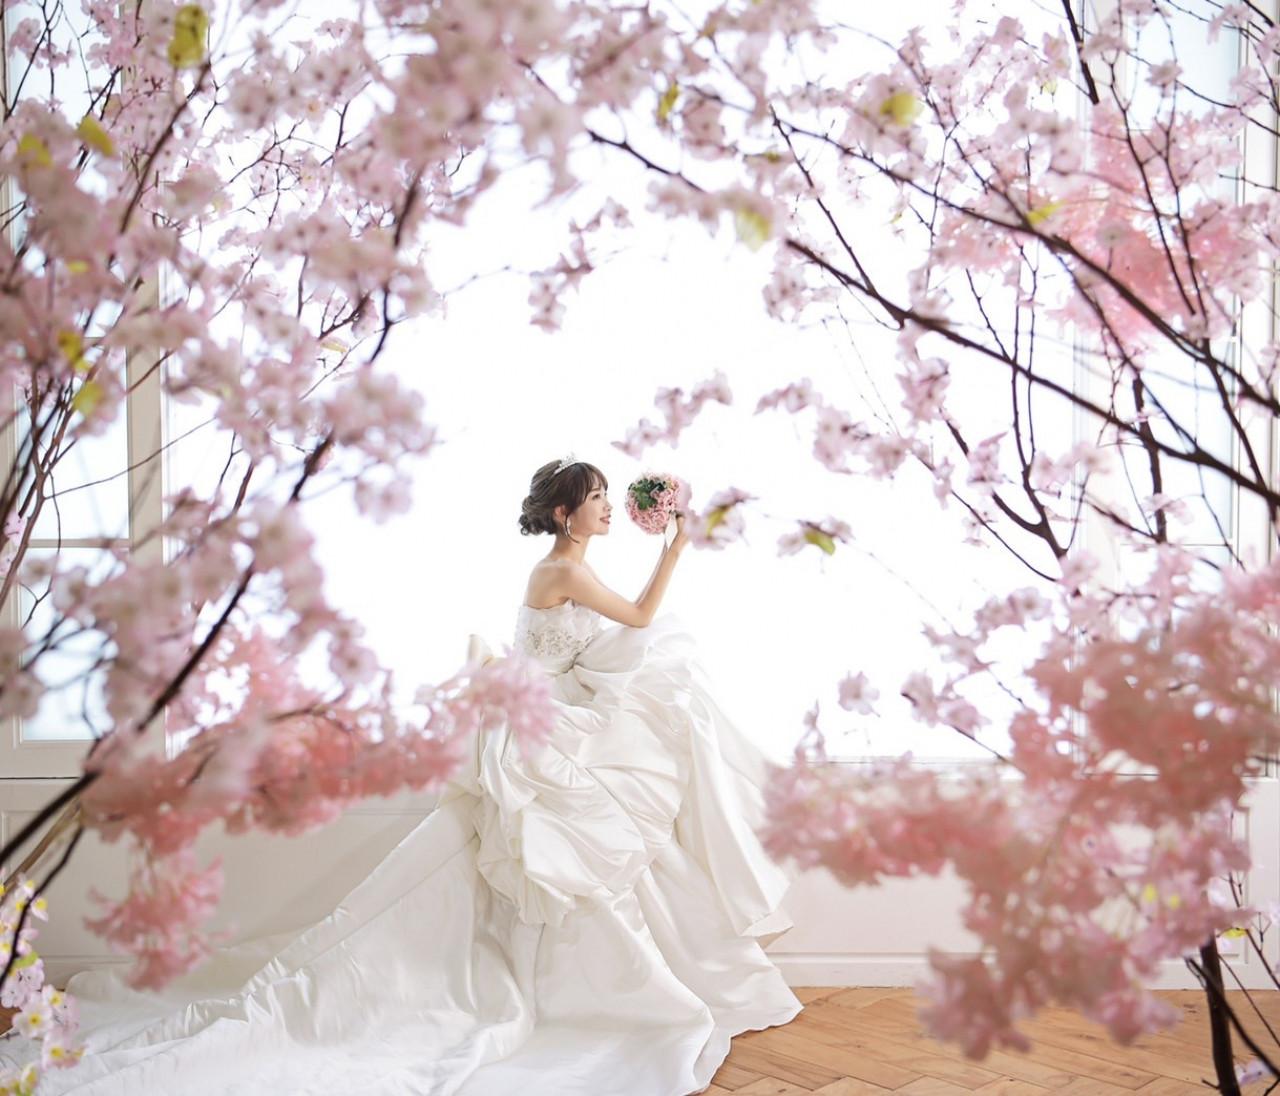 《WeddingPhoto》韓国気分でウェディング撮影を♡